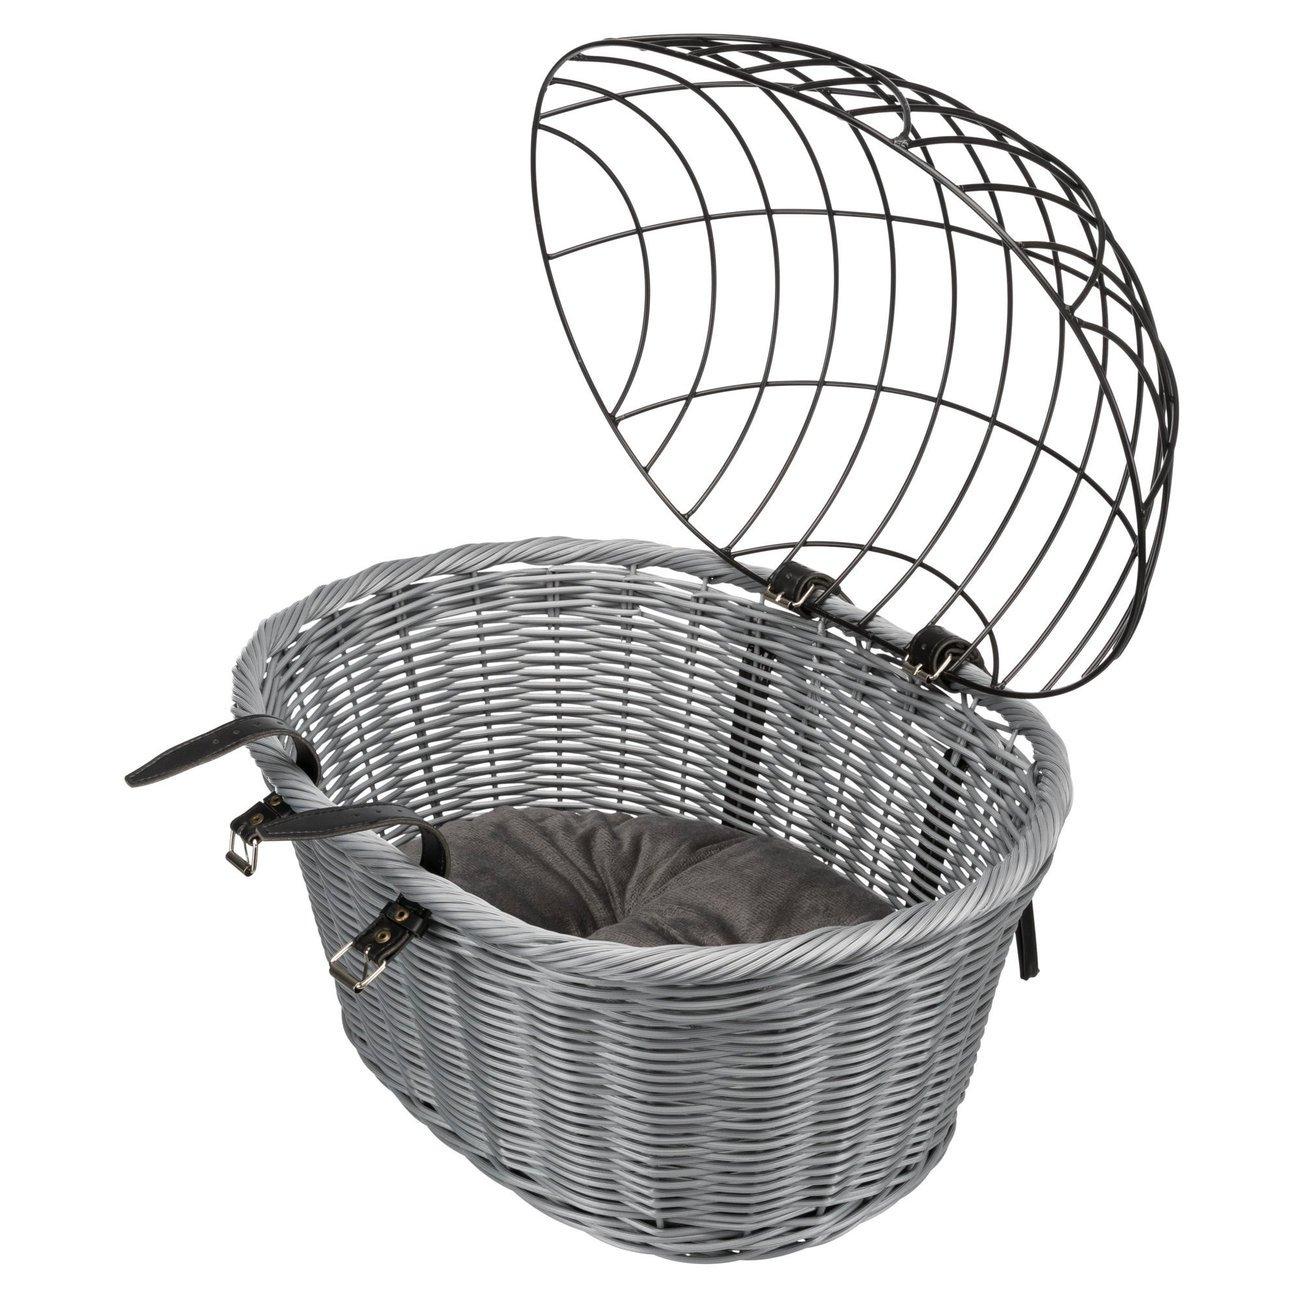 Trixie Fahrradkorb aus Polyrattan mit Gitter 13119, Bild 3